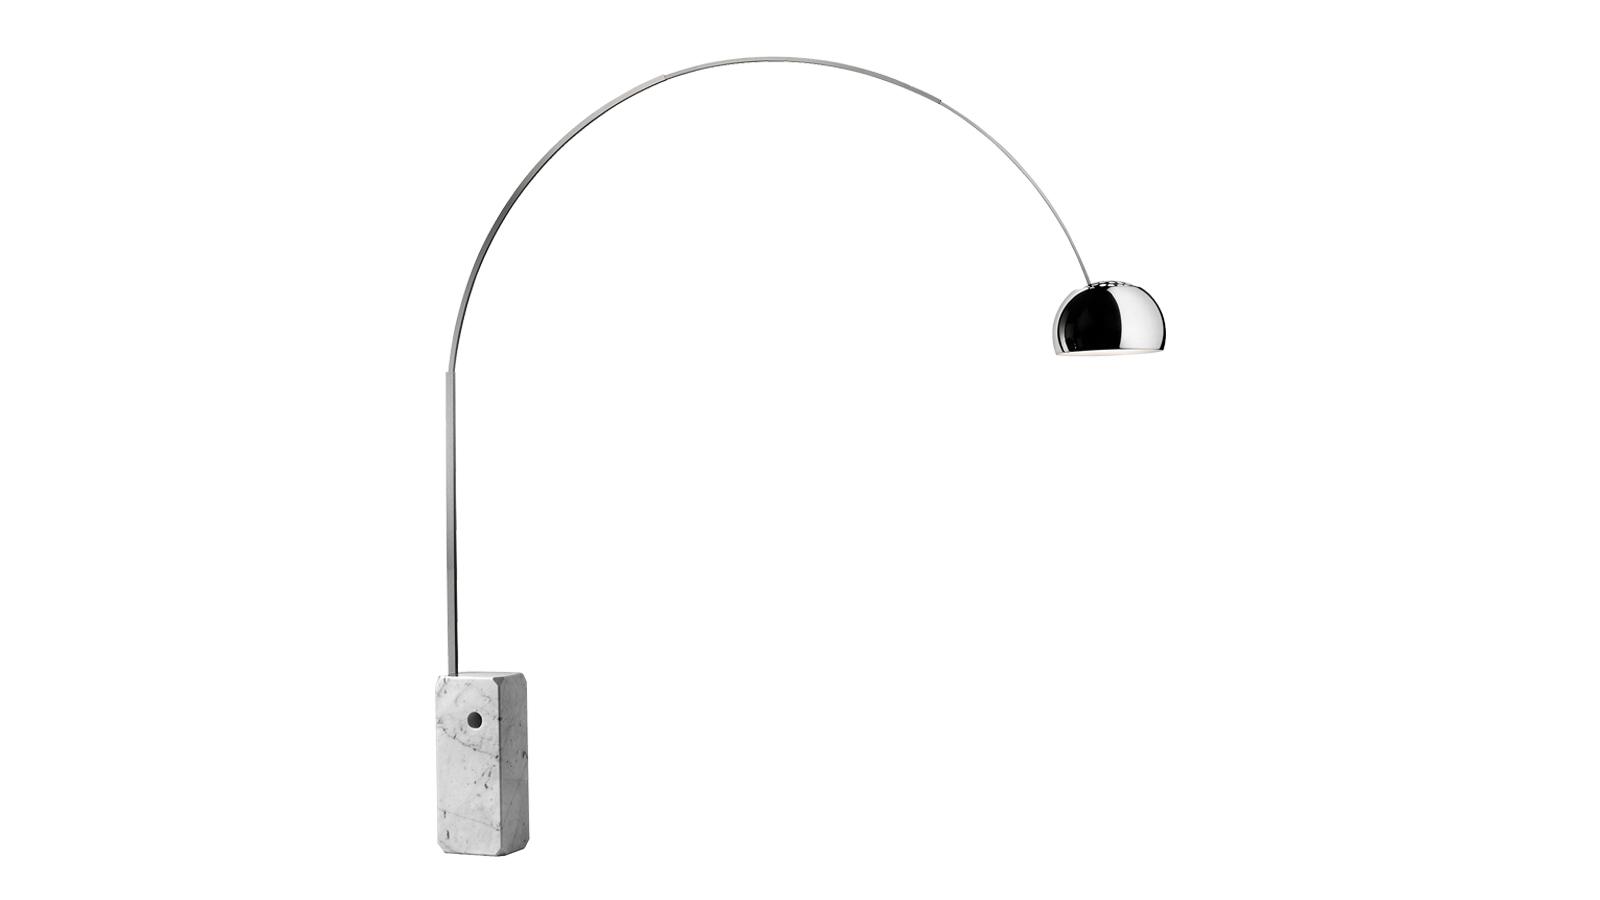 A Flos Arco lámpája reflektorszerű fényt vet a megvilágított területre. A vastagított fehér márvány talpazat eleganciát, tisztaságot, visszafogottságot kölcsönöz a fényforrásnak. A forgatható lámpafej és az állítható magasságú tartóelem miatt variábilis, flexibilis eleme lehet bármely szobának. A fejrész lakkozott alumínumfelülete ezüstösen csillog, így az Arco bár glamúros darab, mégis szerény tud maradni. Akár minimalista, akár luxus enteriőrről van szó, az Arco lámpával nehéz mellélőni!